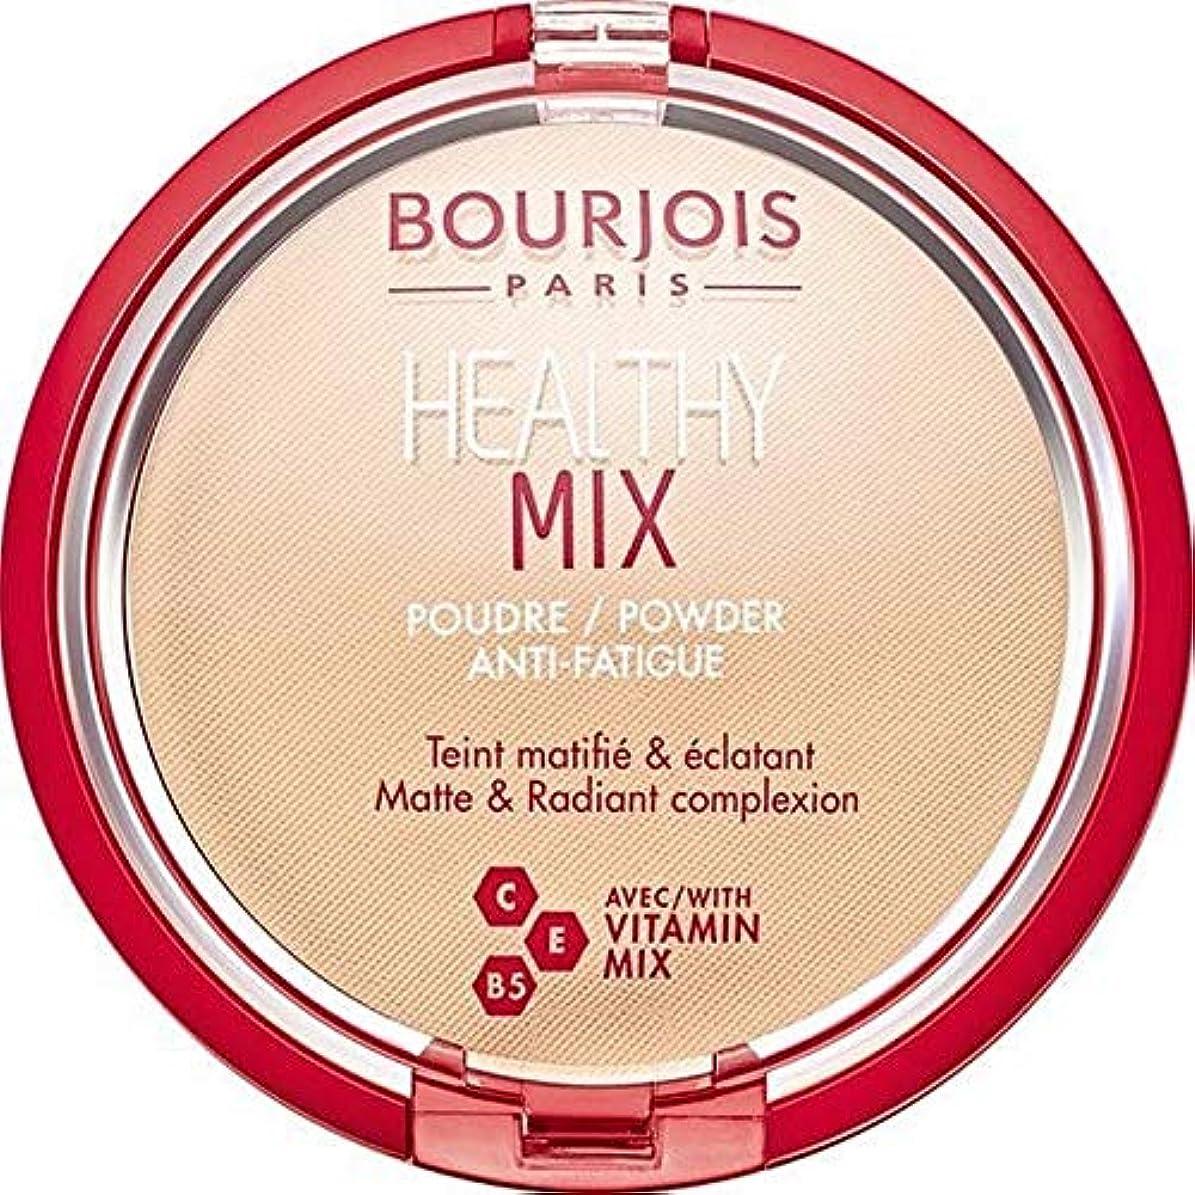 分解する大陸タオル[Bourjois ] ブルジョワヘルシーミックス粉1を押します - Bourjois Healthy Mix Pressed Powder 1 [並行輸入品]